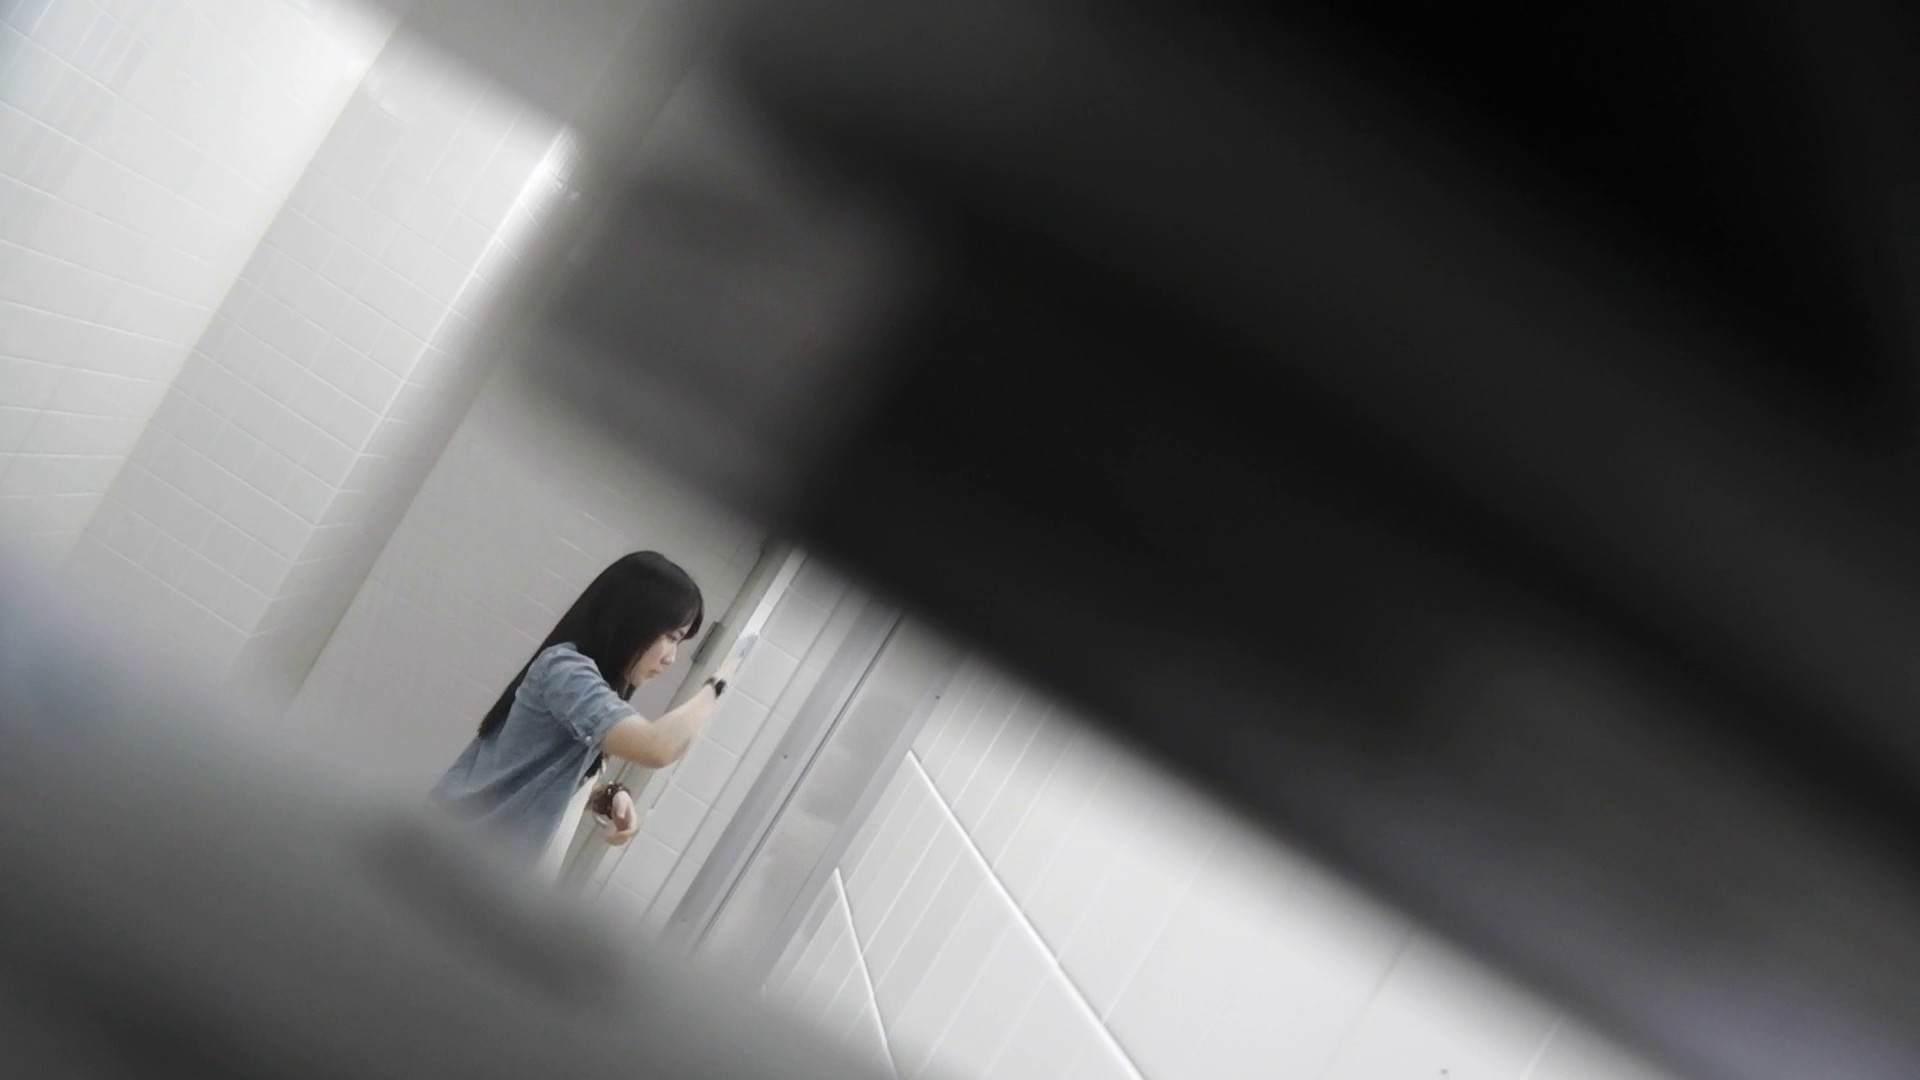 お銀さんの「洗面所突入レポート!!」Nol.21 洗面所 すけべAV動画紹介 96連発 13